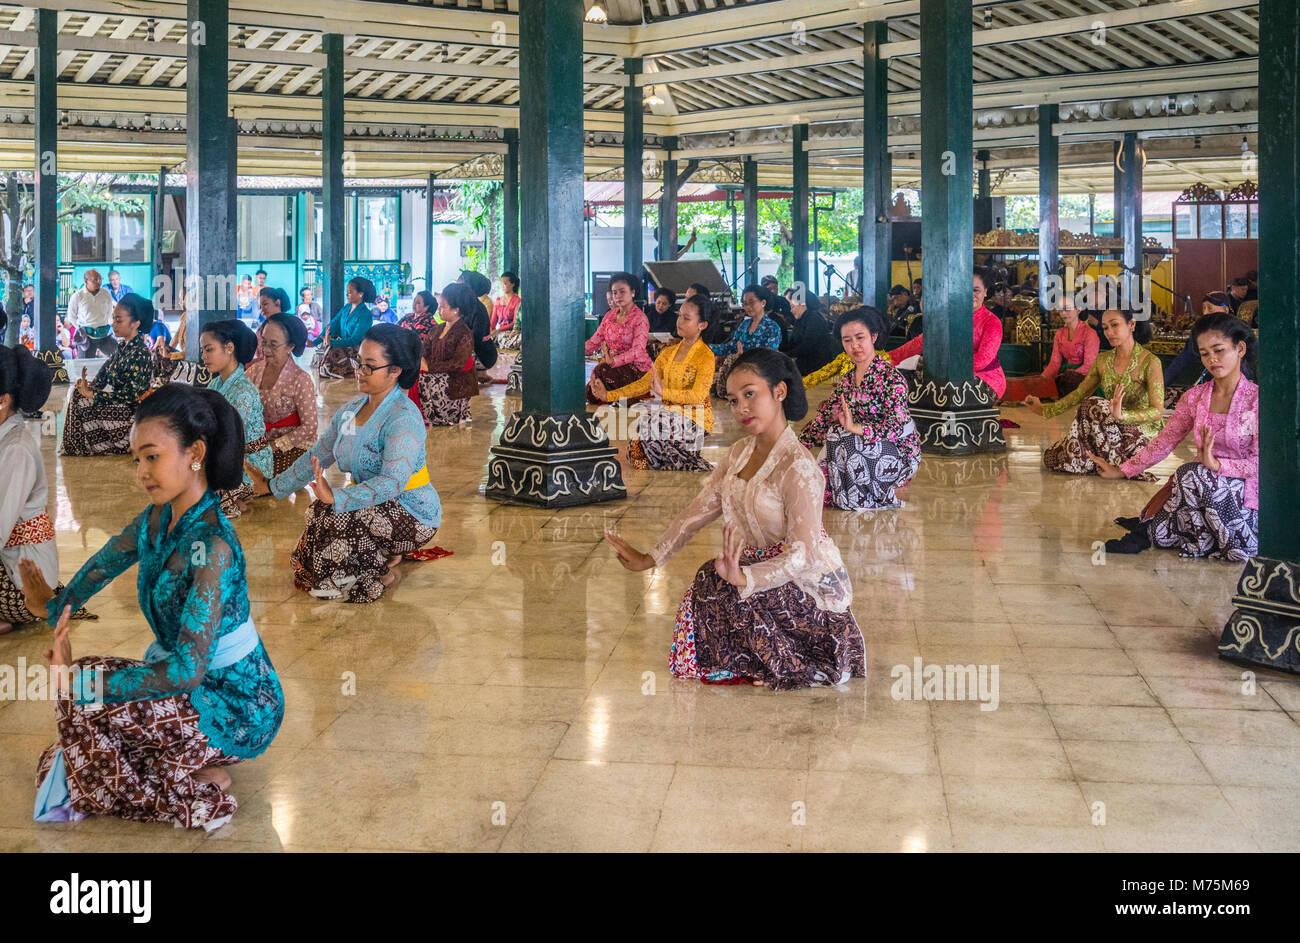 Beksan Putri, traditional female palace dance performance at the Kraton Ngayogyakarta Hadiningrat, the palace of - Stock Image